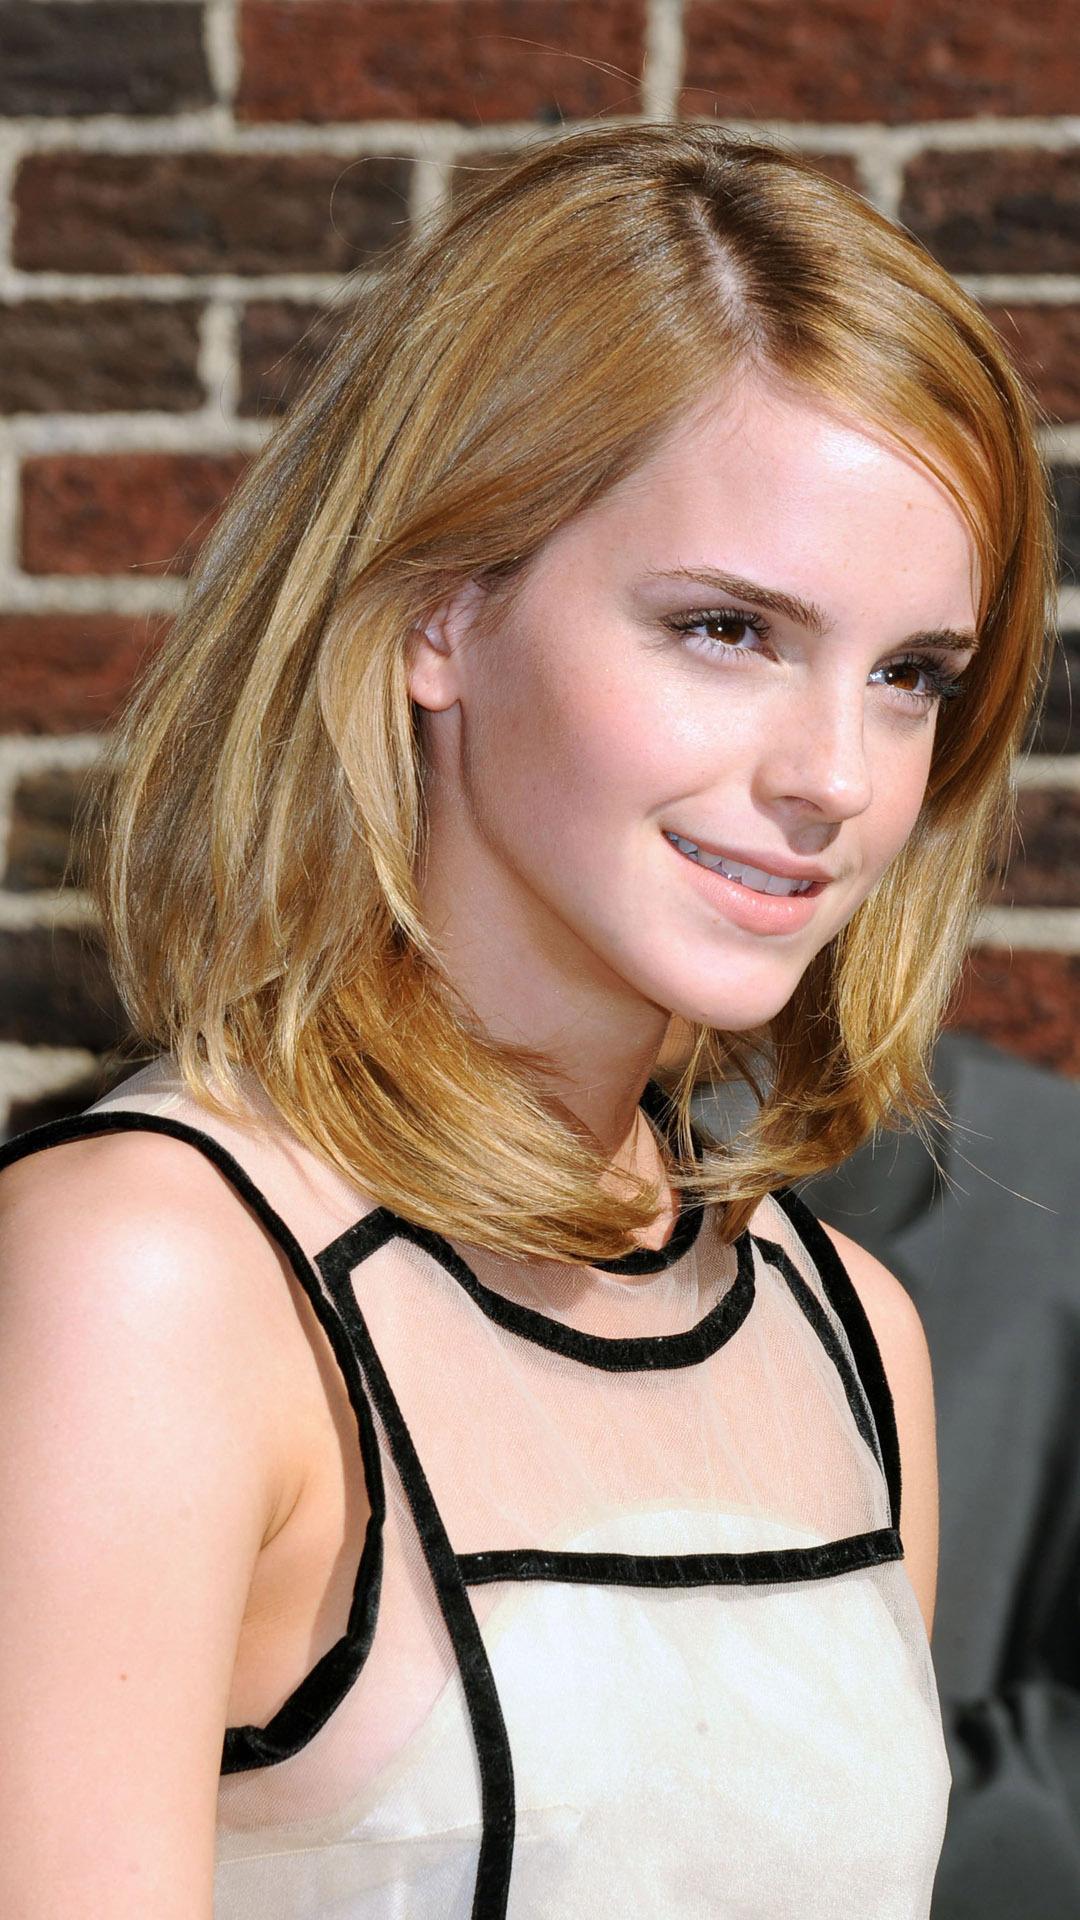 Emma Watson Mobile Wallpaper 11397 1080x1920